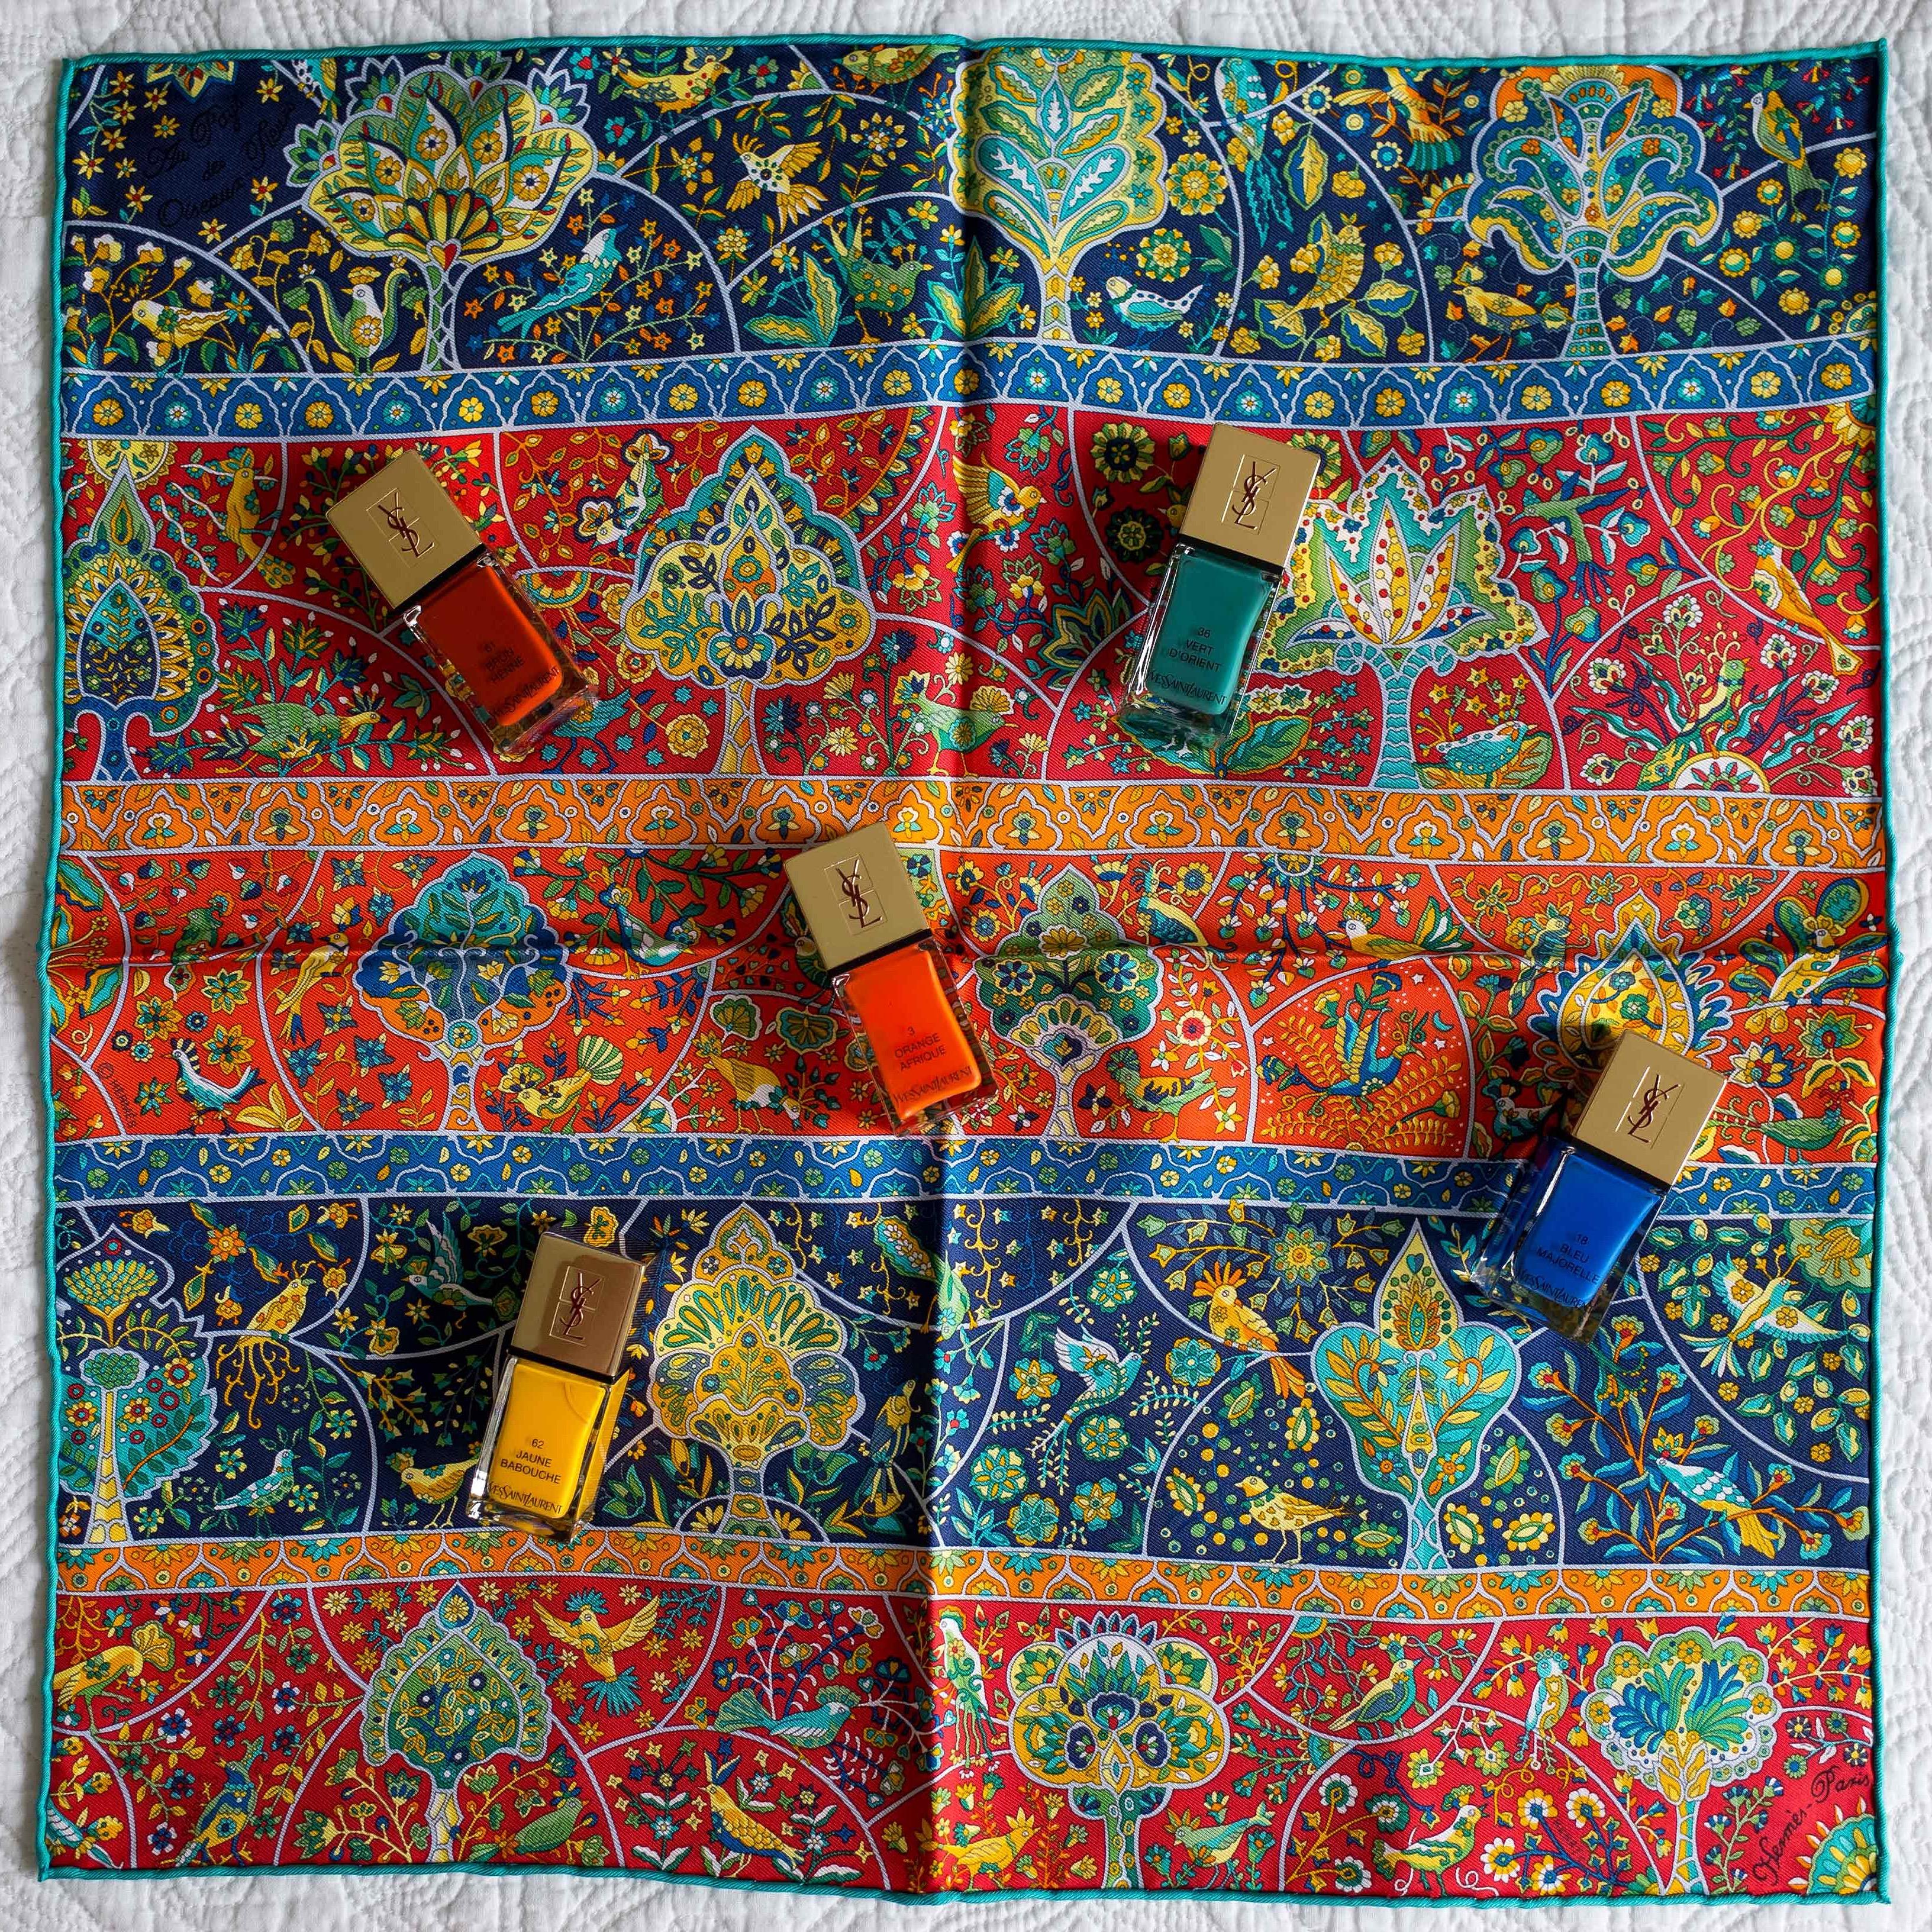 d6df915a7be9 order au pays des oiseaux fleurs hermes scarf gavroche pochette knot 27f6e  1b40d